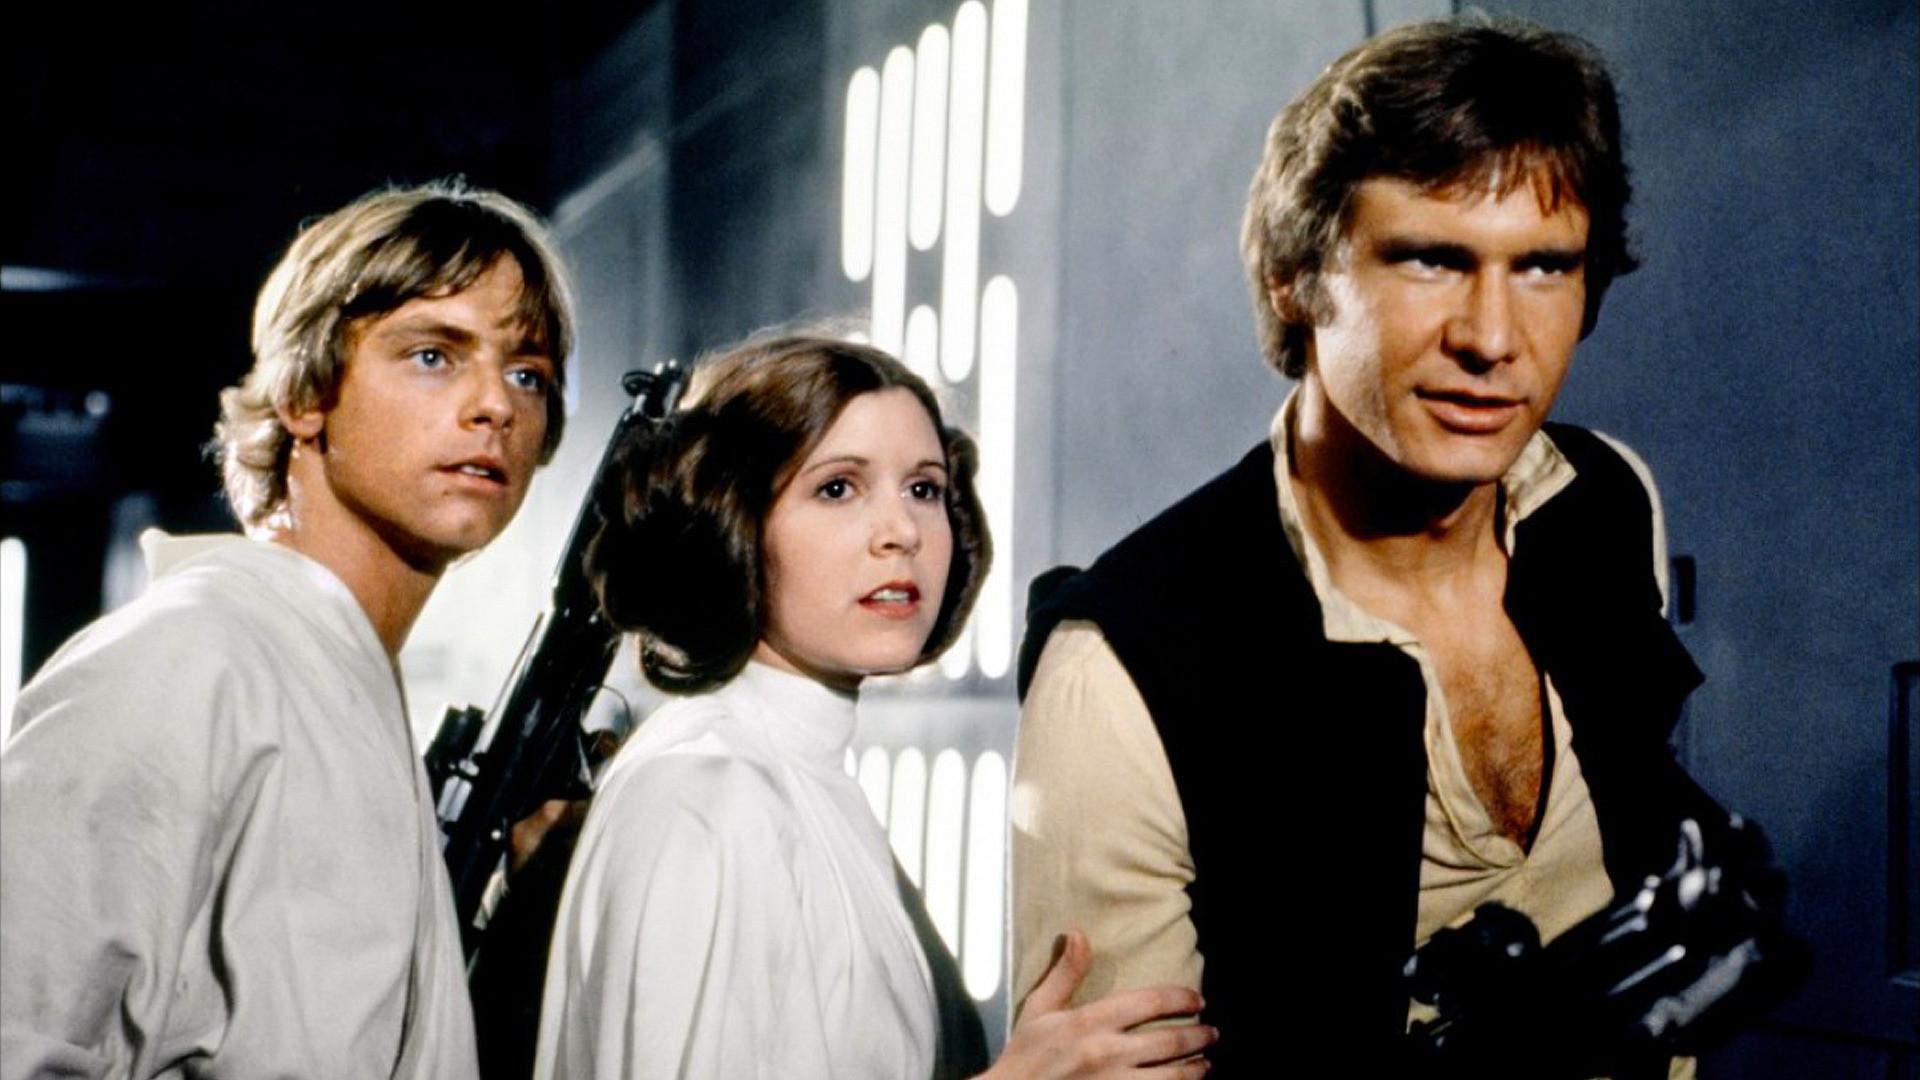 Star Wars: The Last Jedi Empire Strikes Back